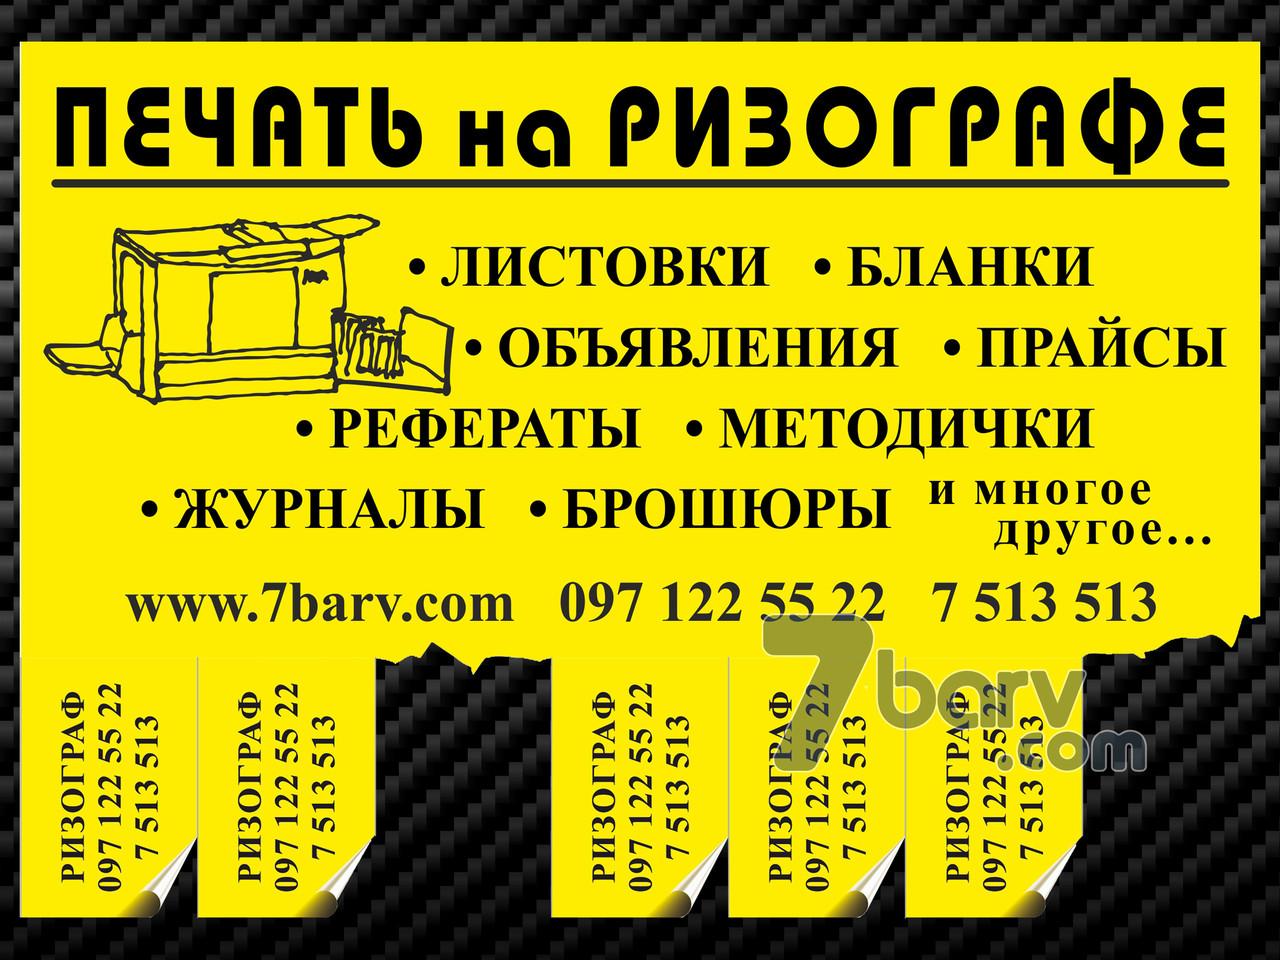 """Печать на ризографе. Услуги тиражирования на ризографе. - Полиграфия """"7 Барв"""" в Харькове"""